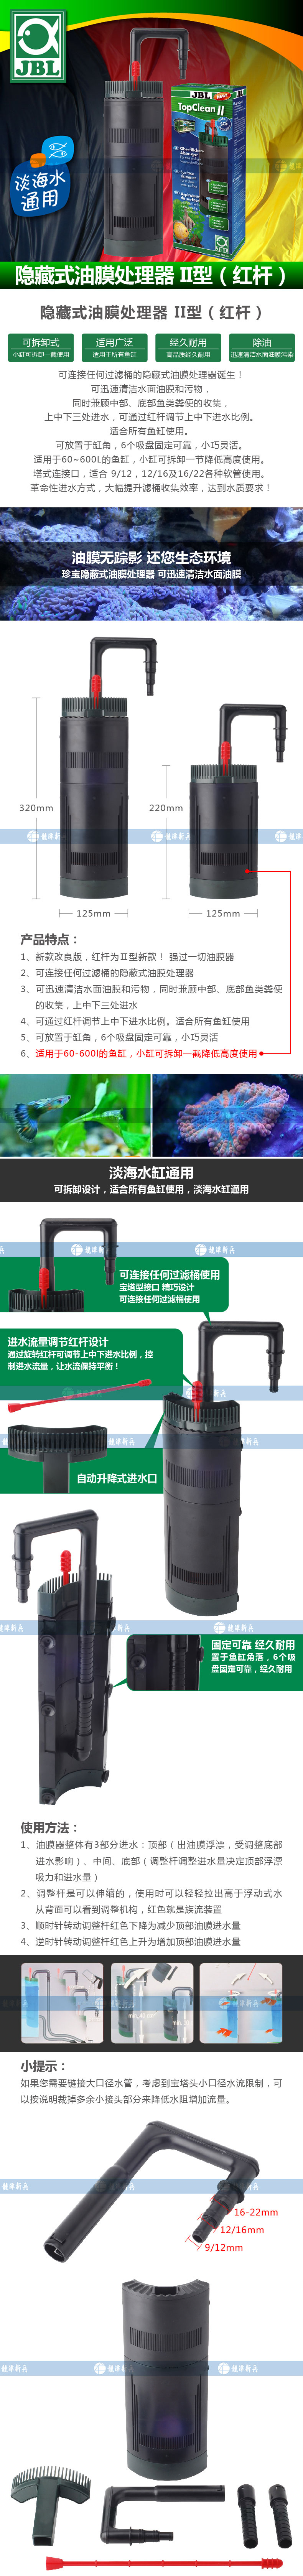 德国JBL珍宝-隐藏式油膜处理器去油膜器除油膜II型红杆淡海通用.jpg